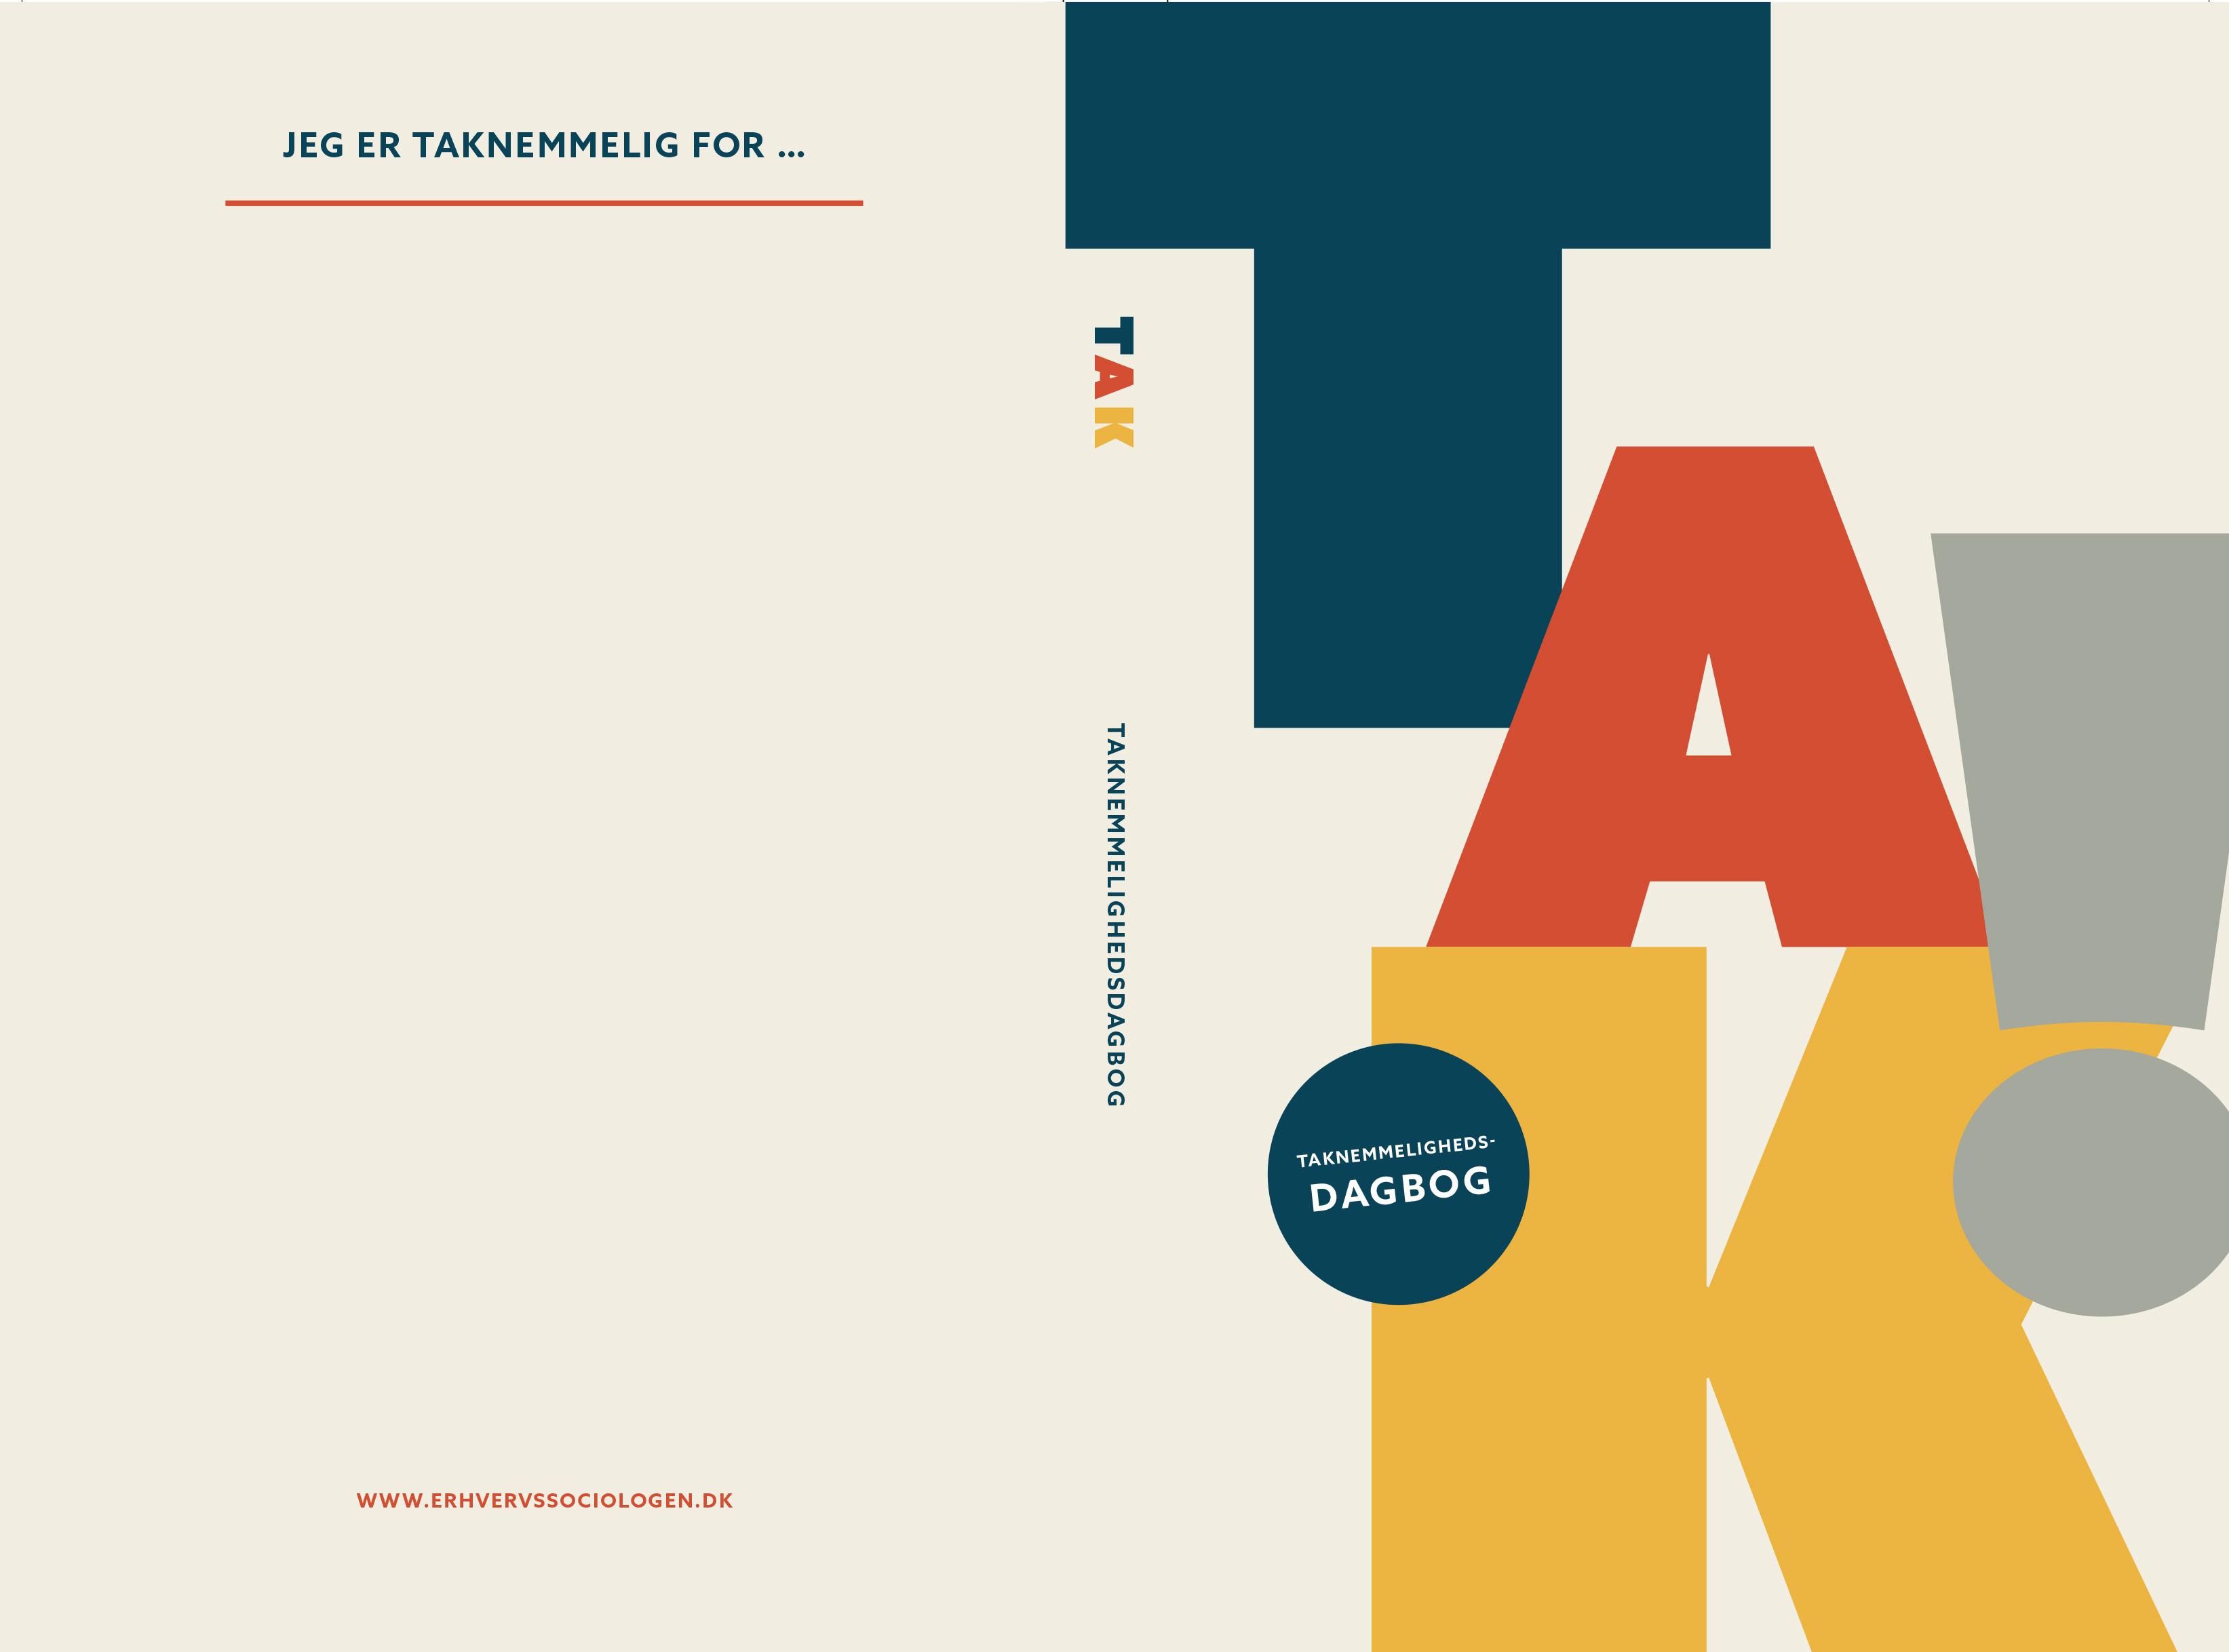 Danmarks første bog om taknemmelighed